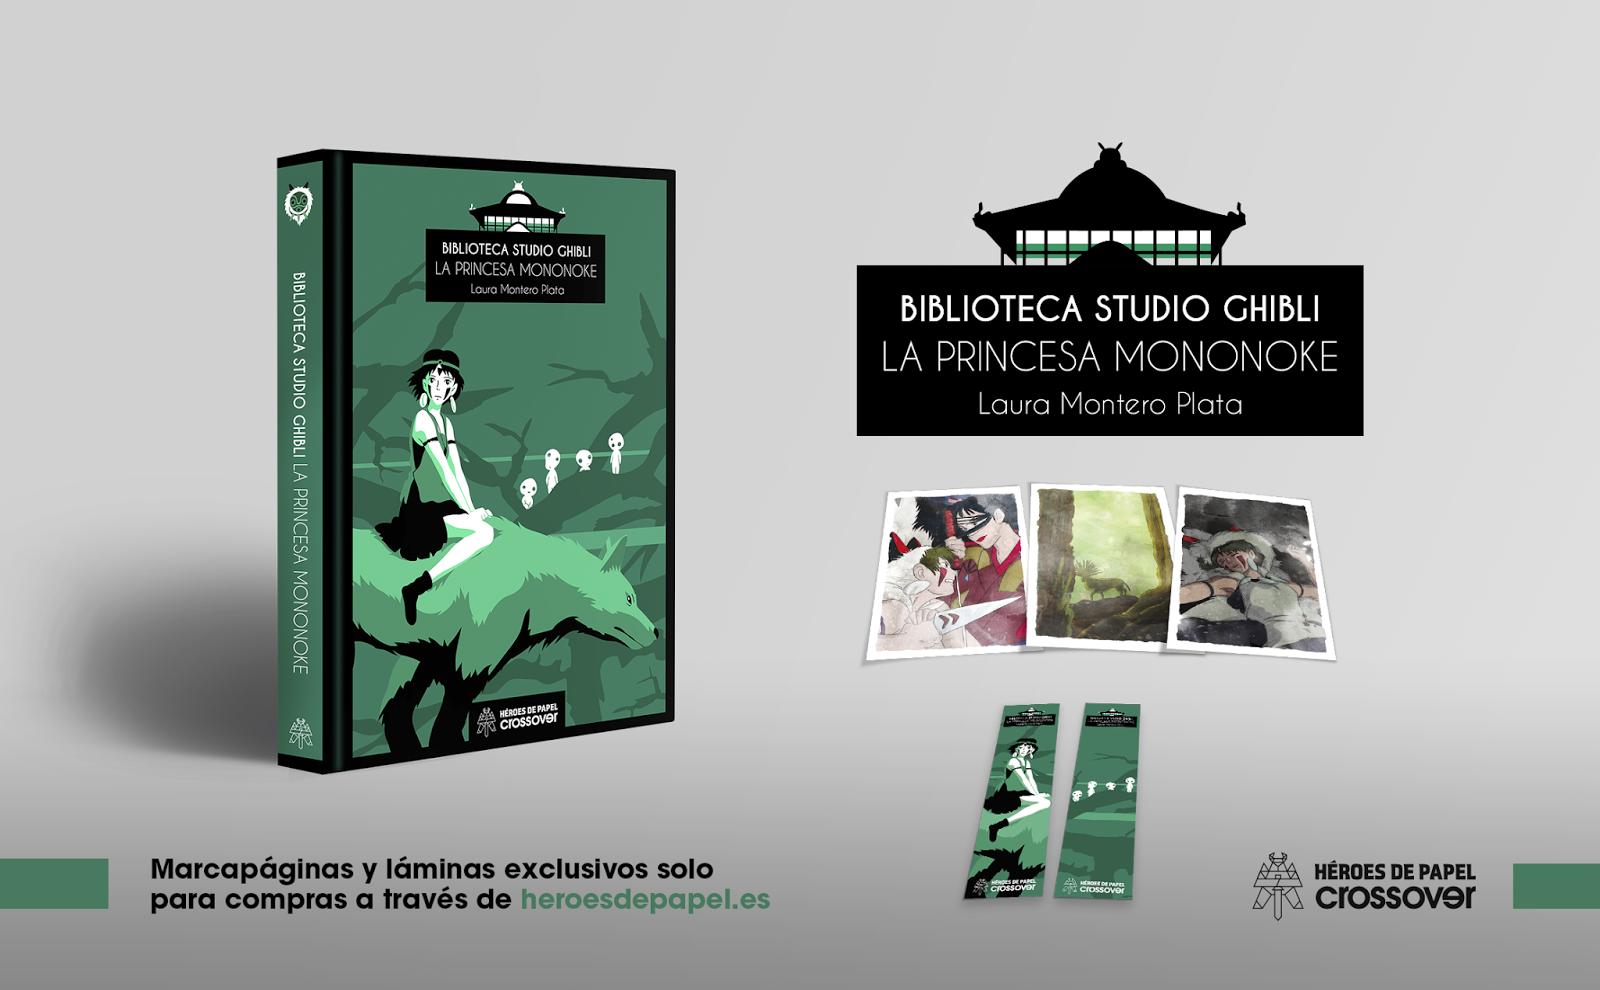 Ya disponible BIBLIOTECA STUDIO GHIBLI: LA PRINCESA MONONOKE